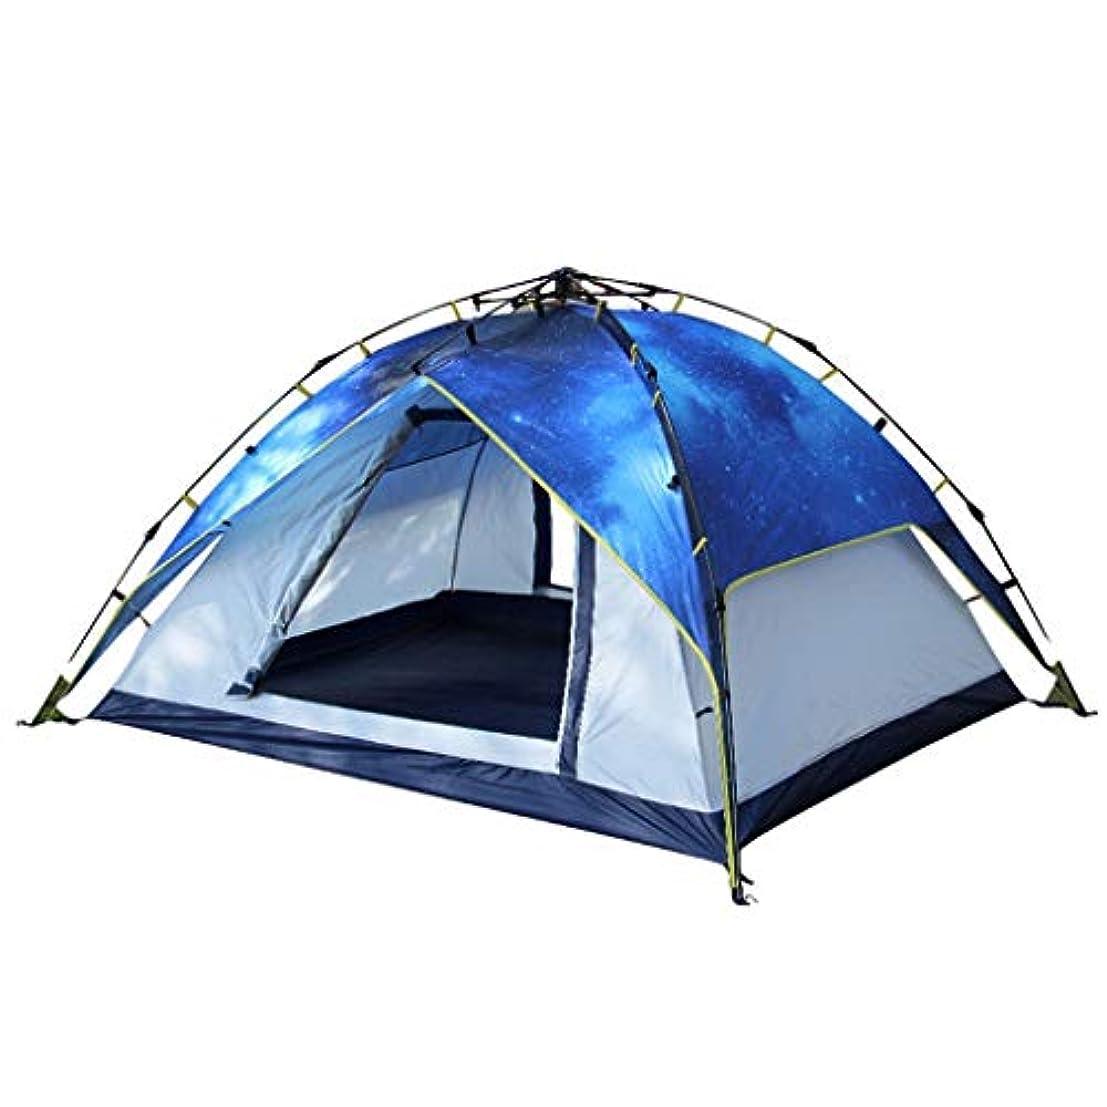 貢献不満月曜日LIAN 3-4人屋外テント全自動厚くそして雨防止のキャンプテント日除け日よけの避難所